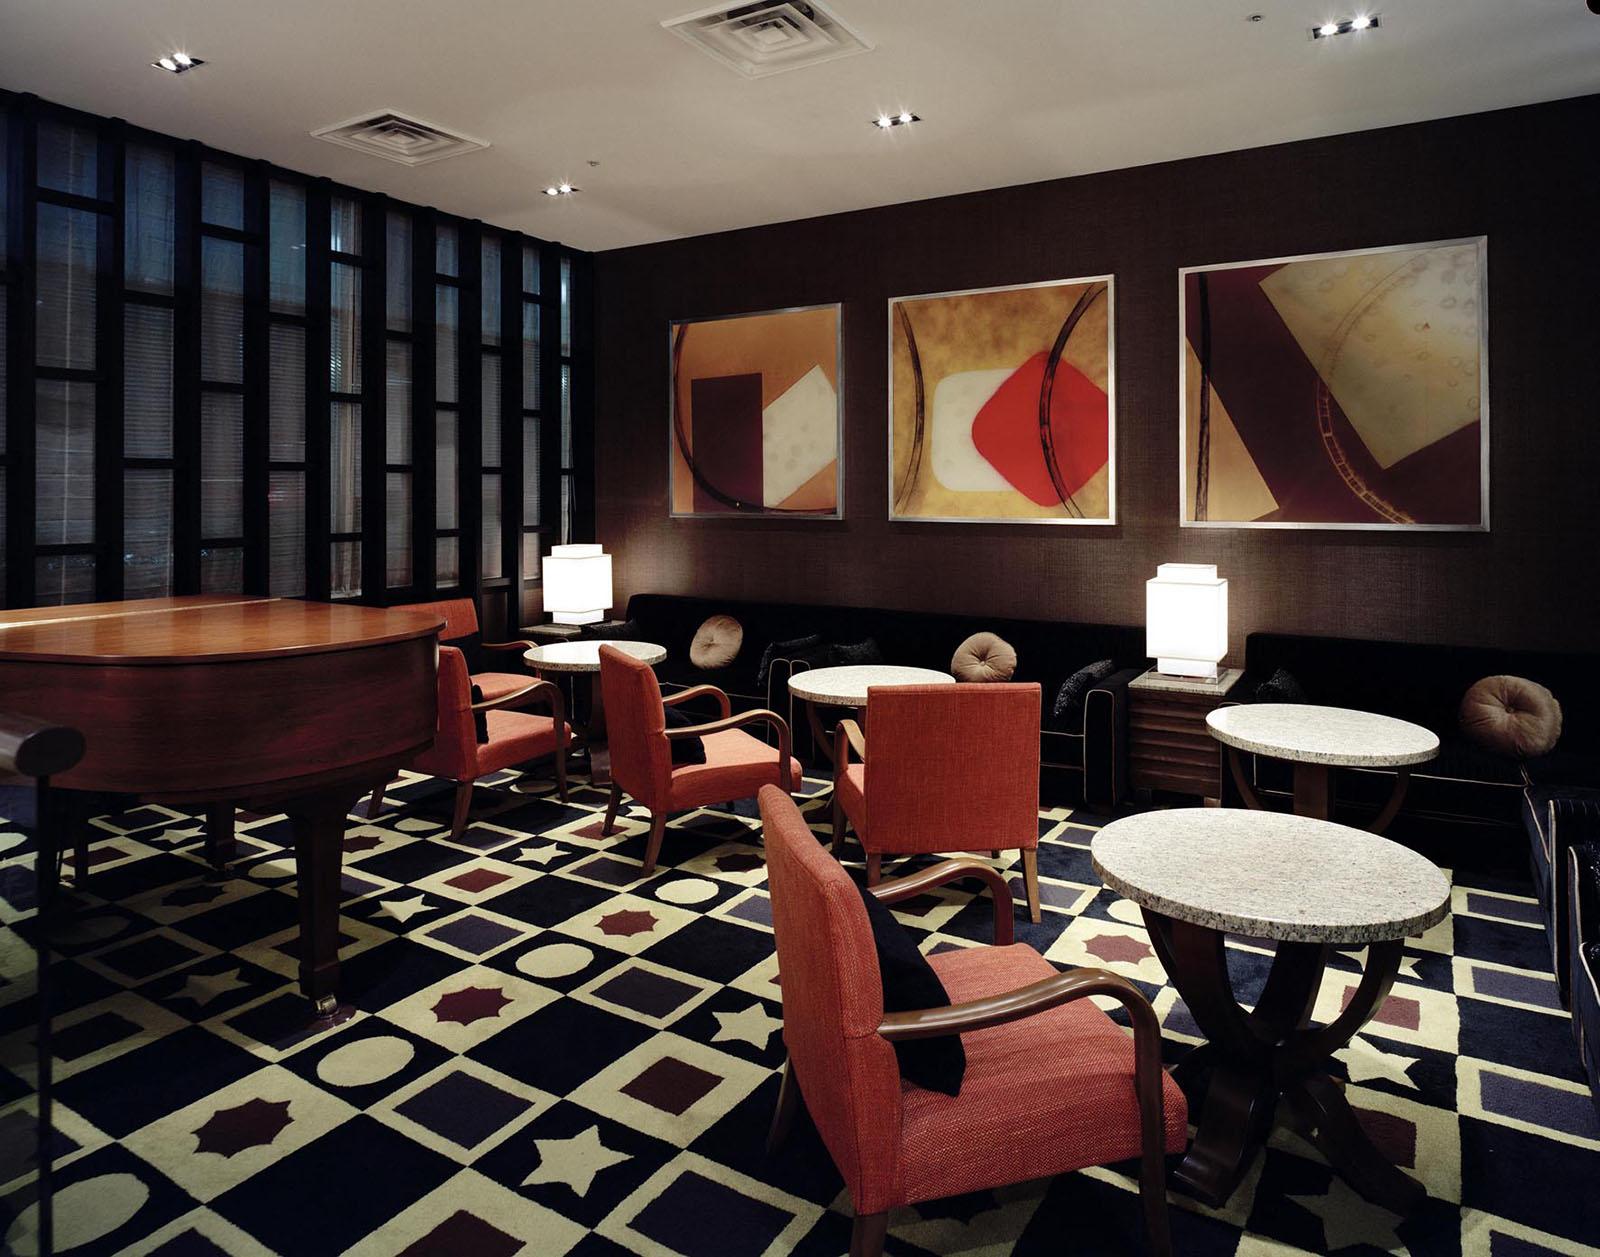 富山 第 一 ホテル 『富山第一ホテル 宿泊記 来月3月閉店さよならありがとう宿泊記』富山市(富山県)の旅行記・ブログ